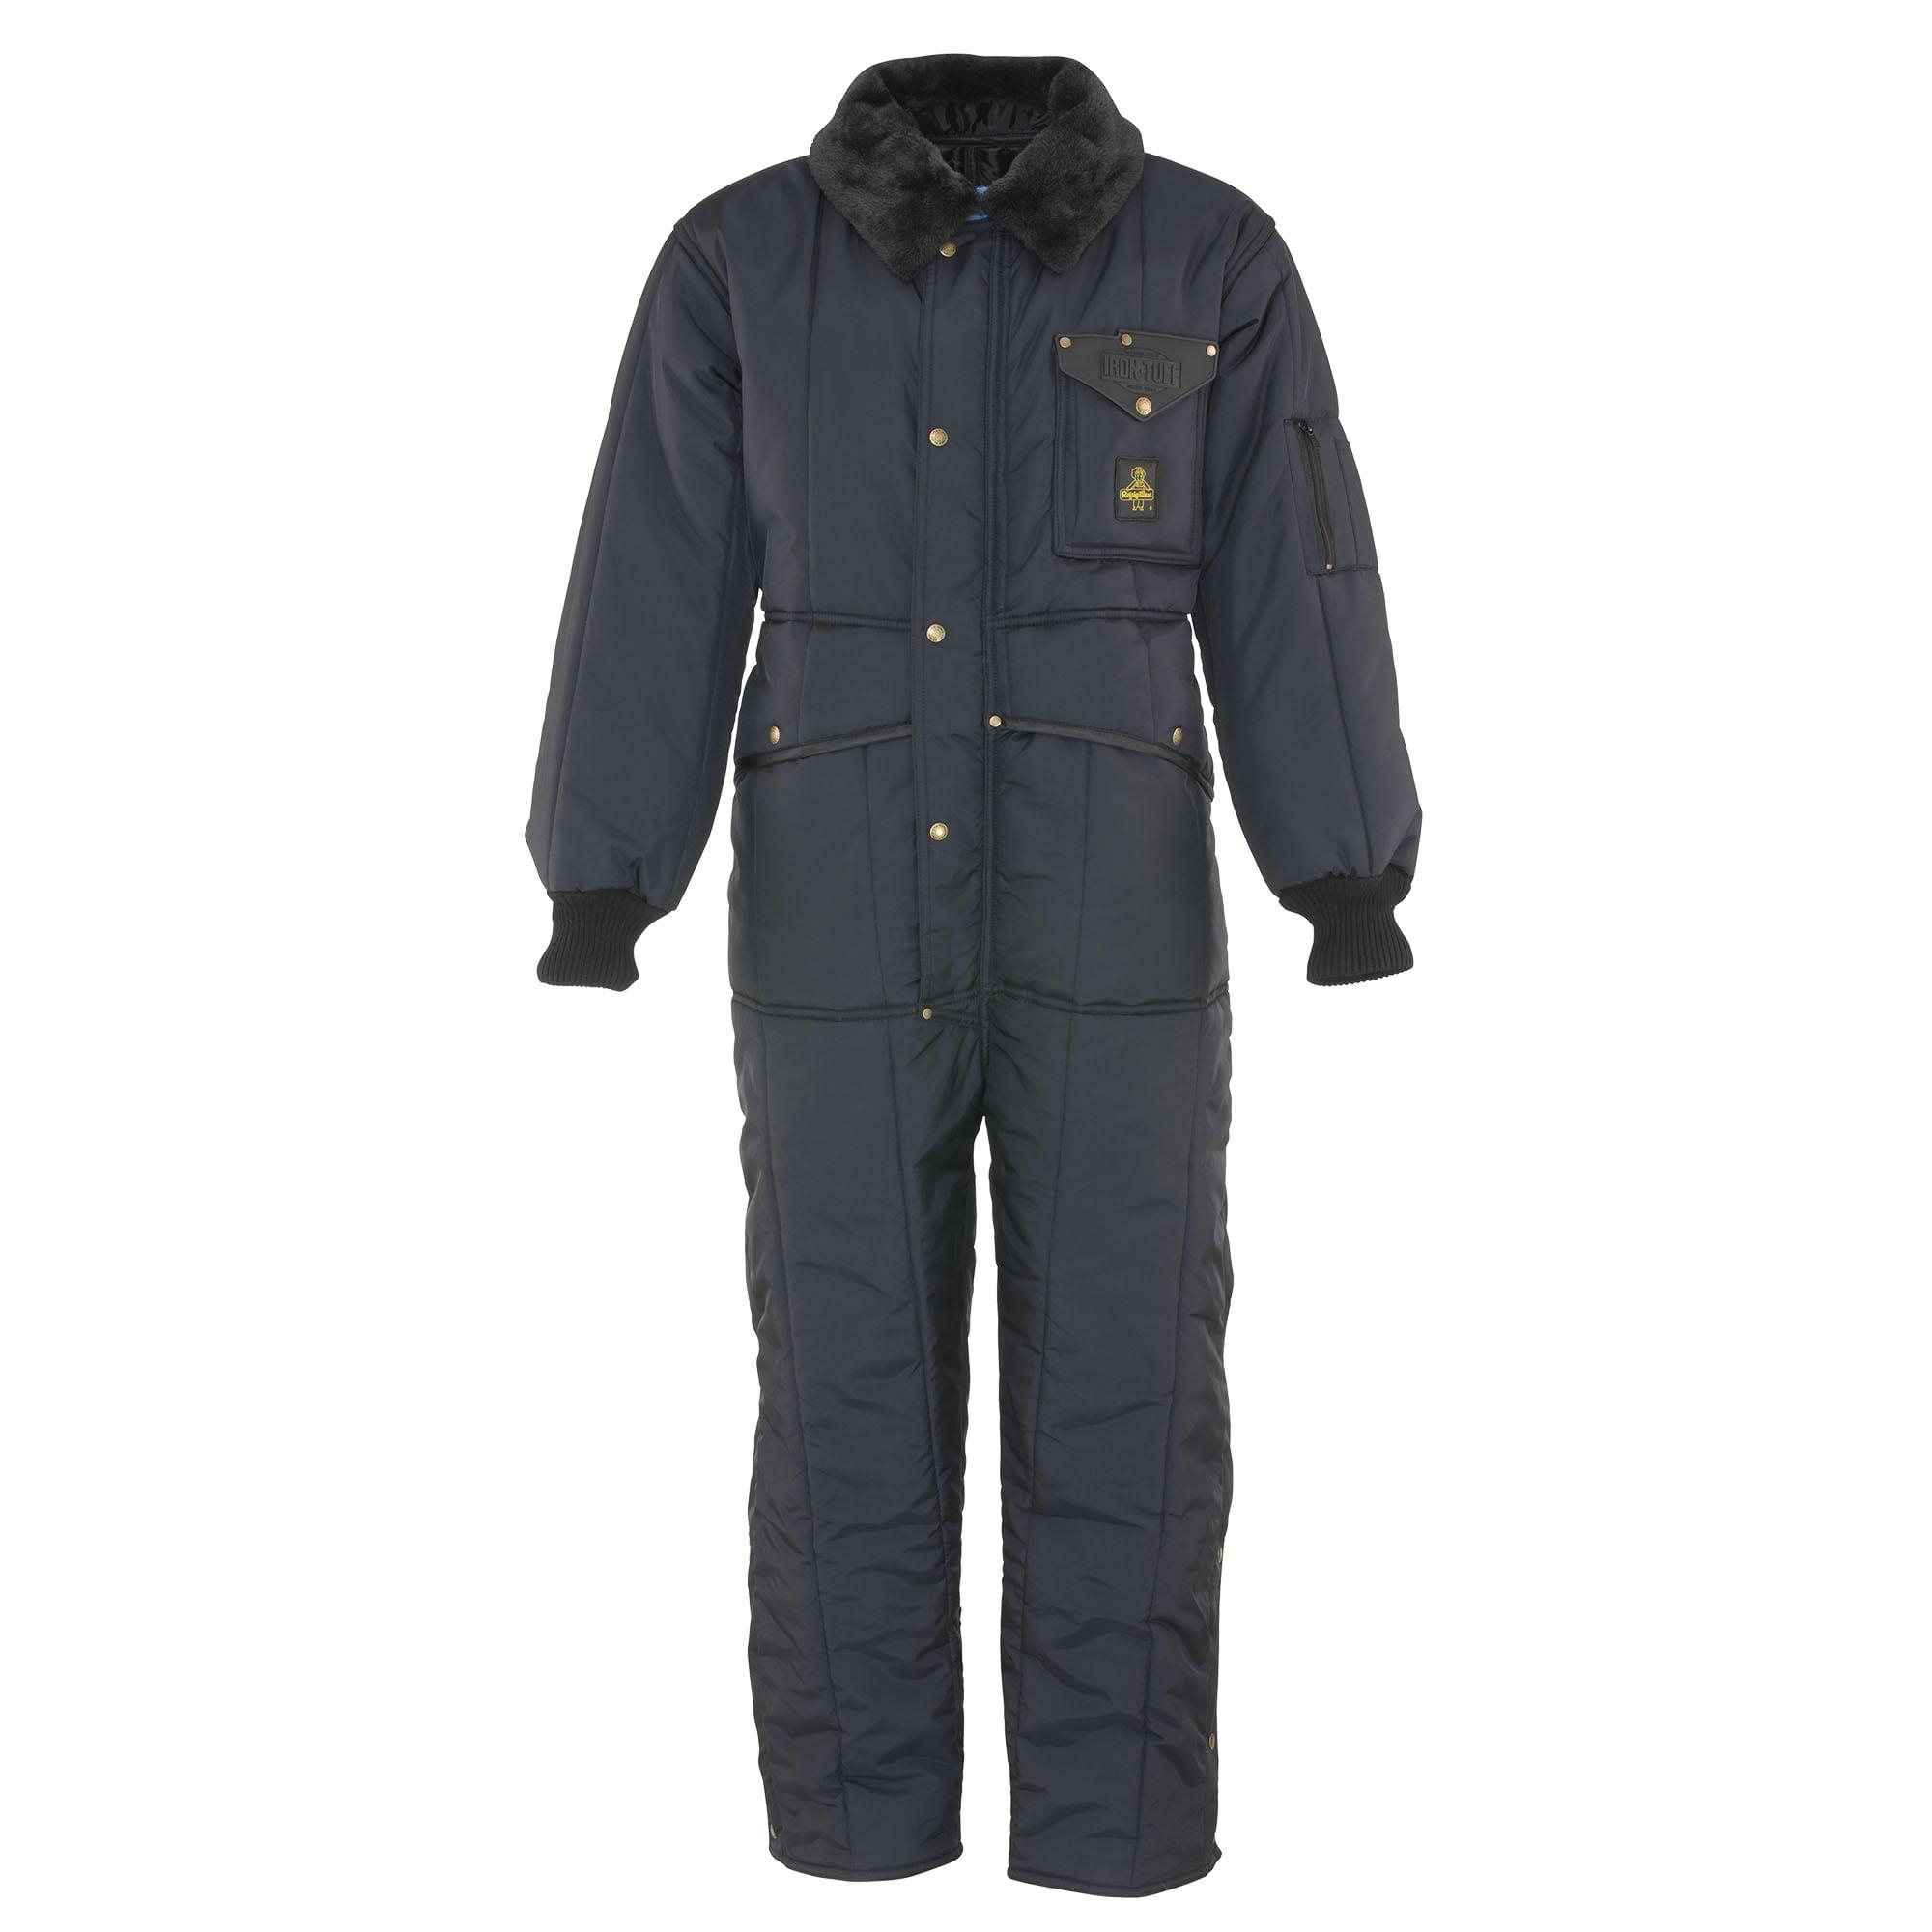 RefrigiWear Men's Iron-Tuff Coveralls Minus 50 Suit